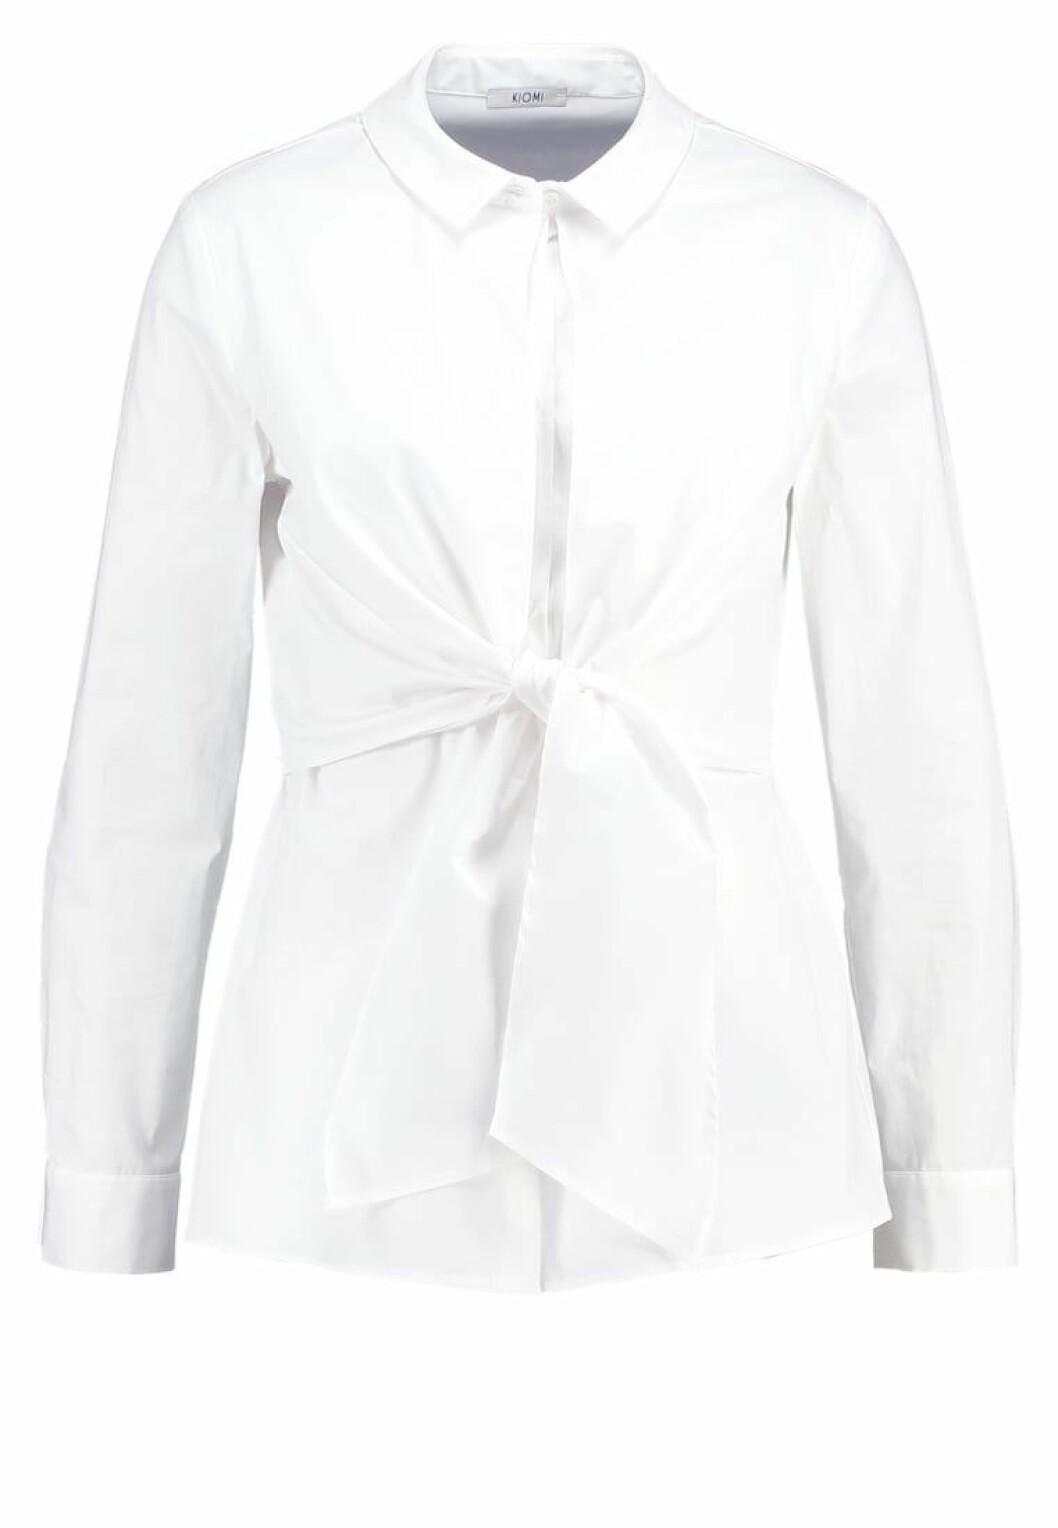 vit skjorta knyt framme